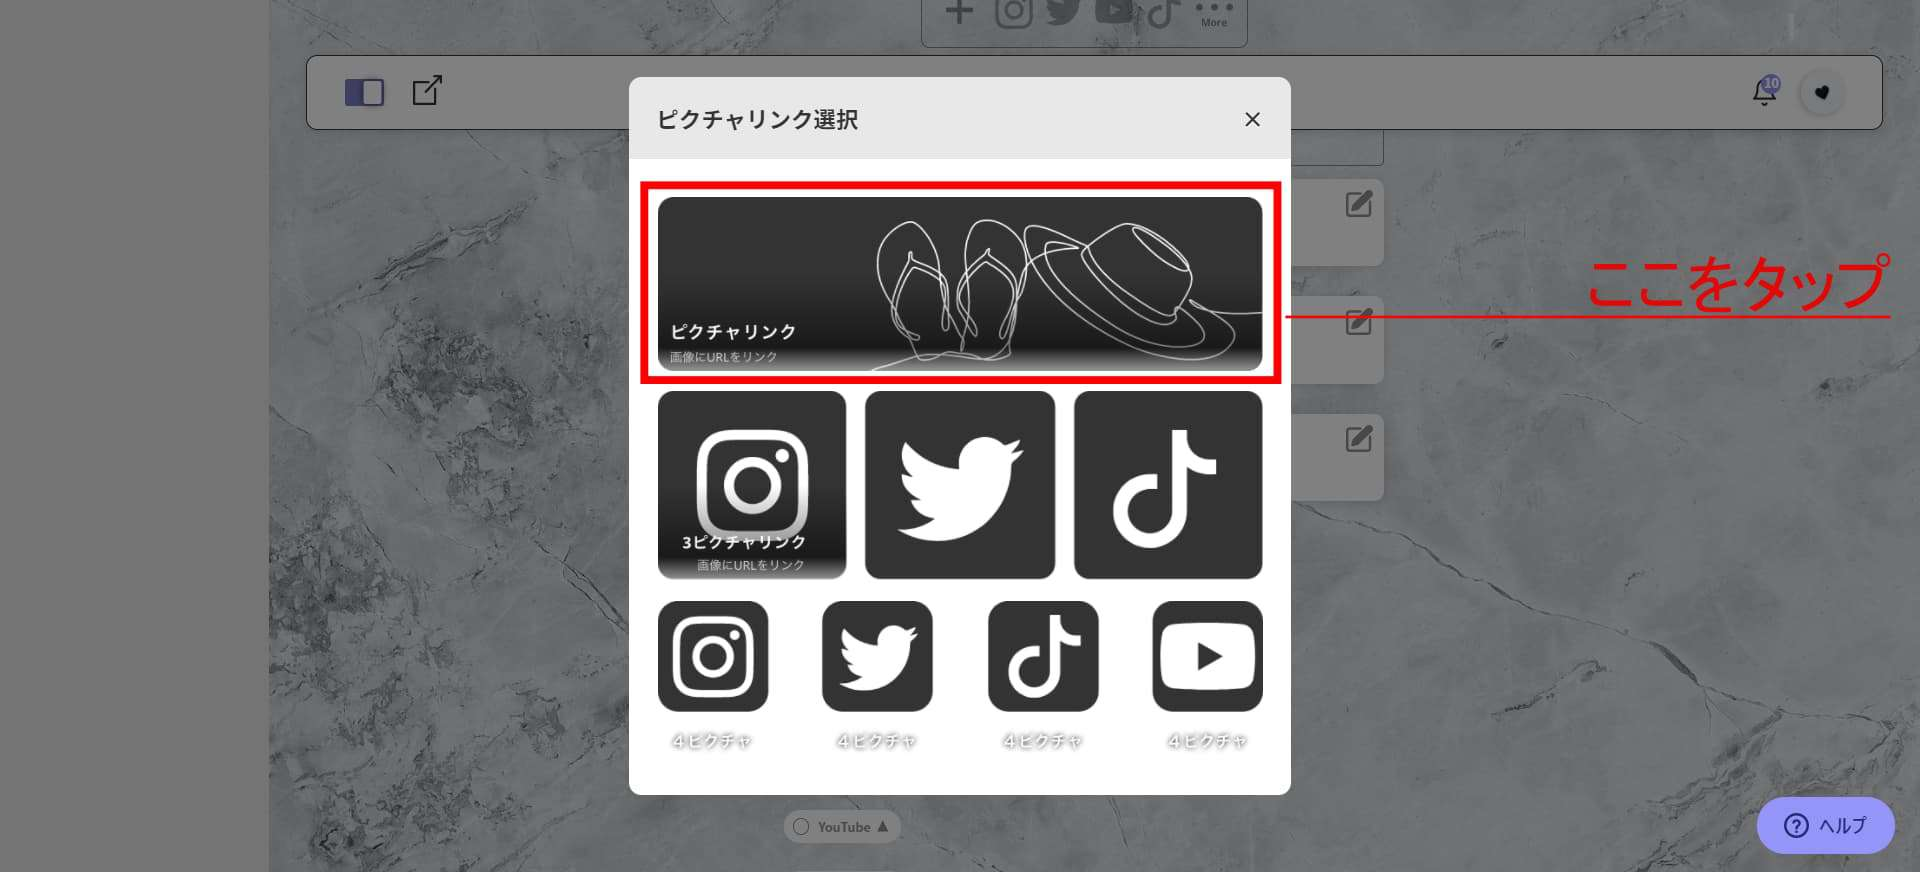 【公式】リットリンク(lit.link)でGIF動画を設定する方法